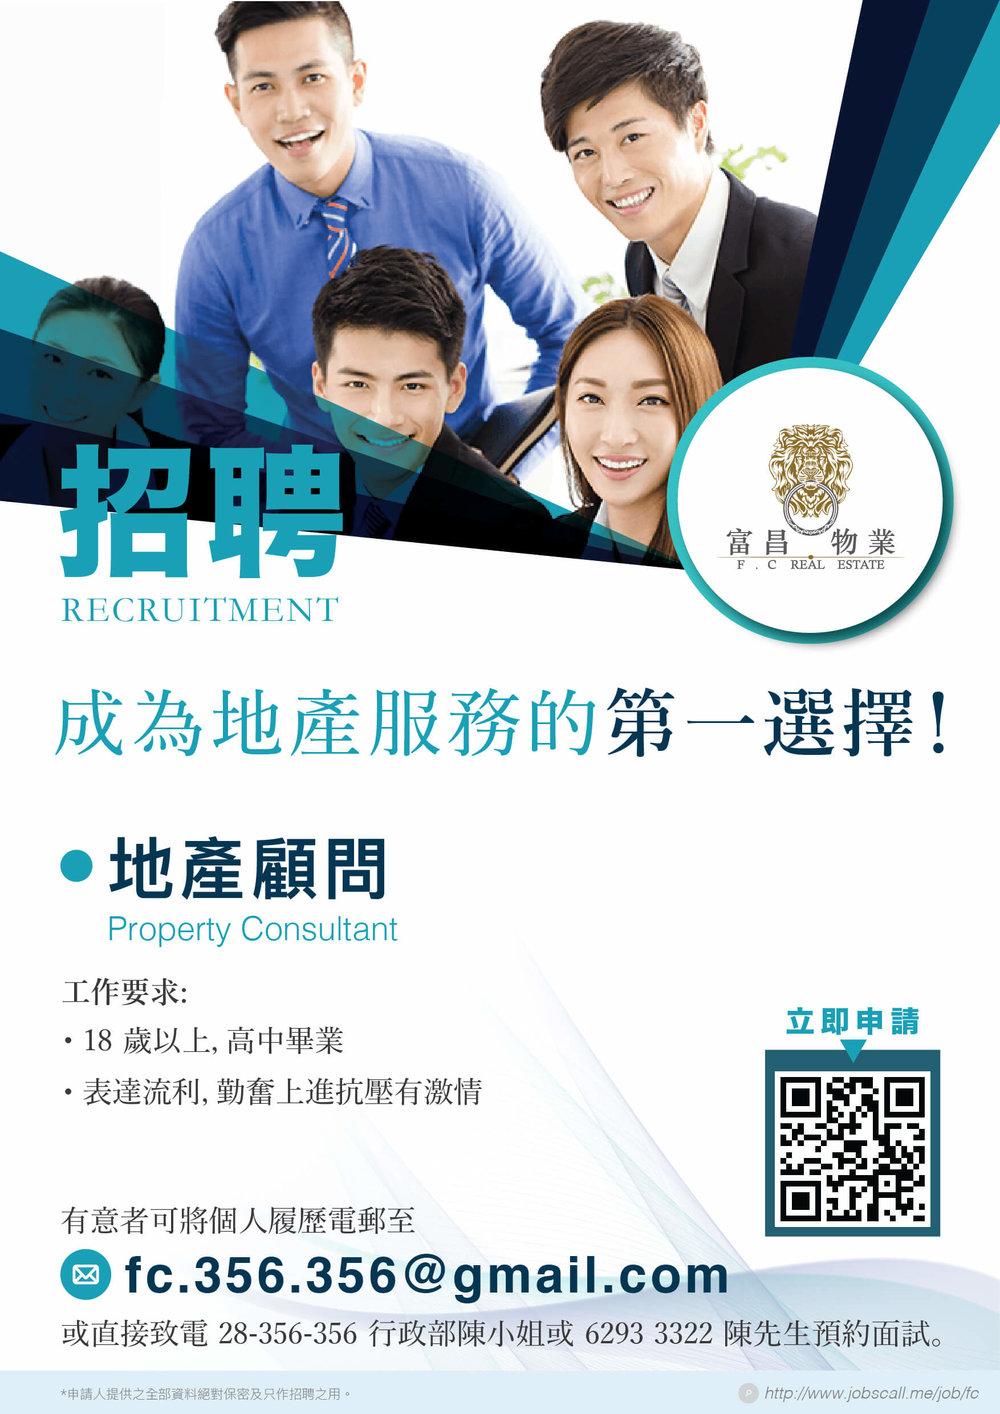 FC Poster-01.jpg